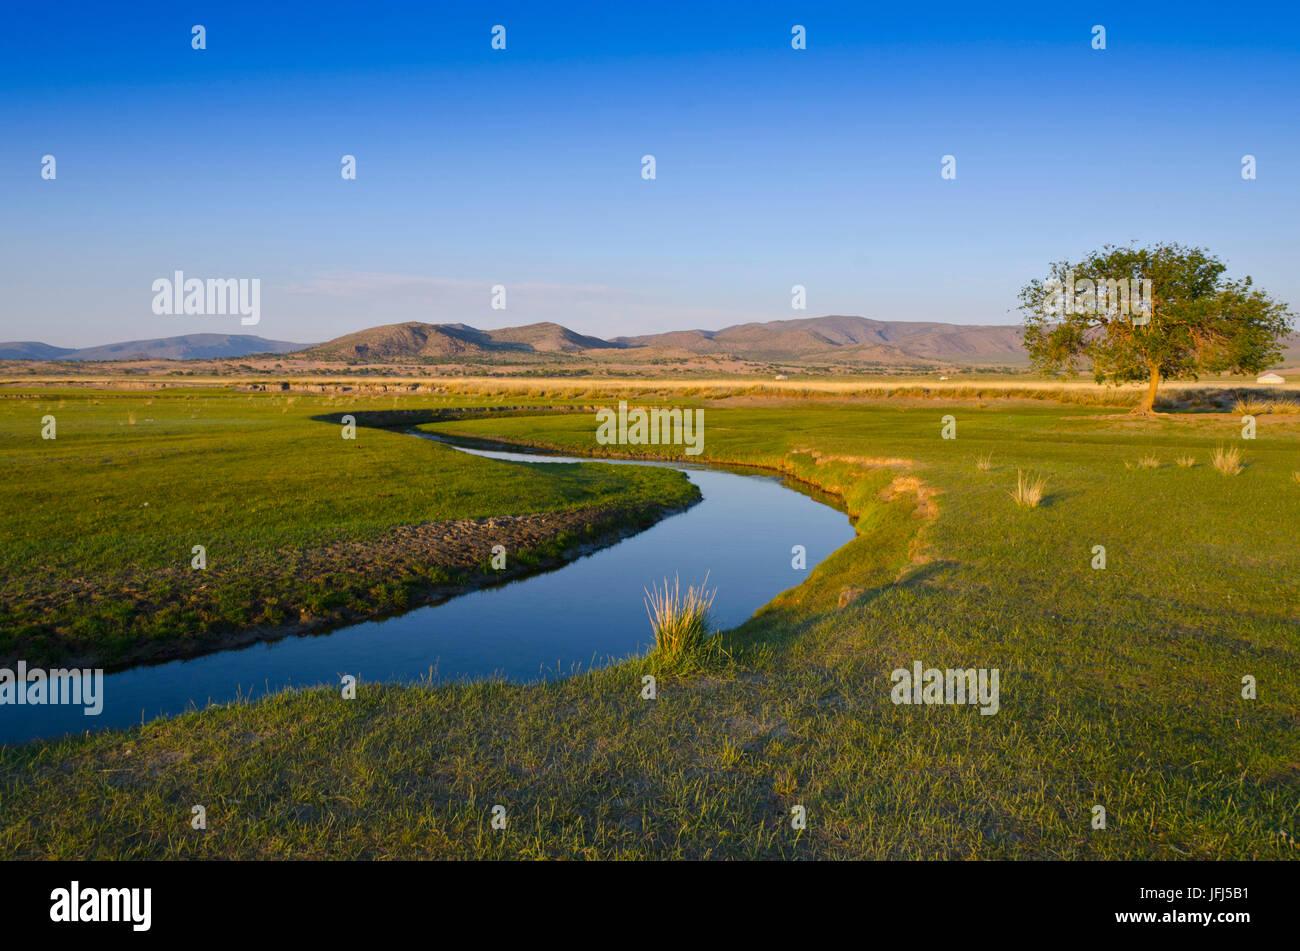 La Mongolie, l'Asie centrale, camp dans le paysage de steppe de Gurvanbulag, rivière Photo Stock